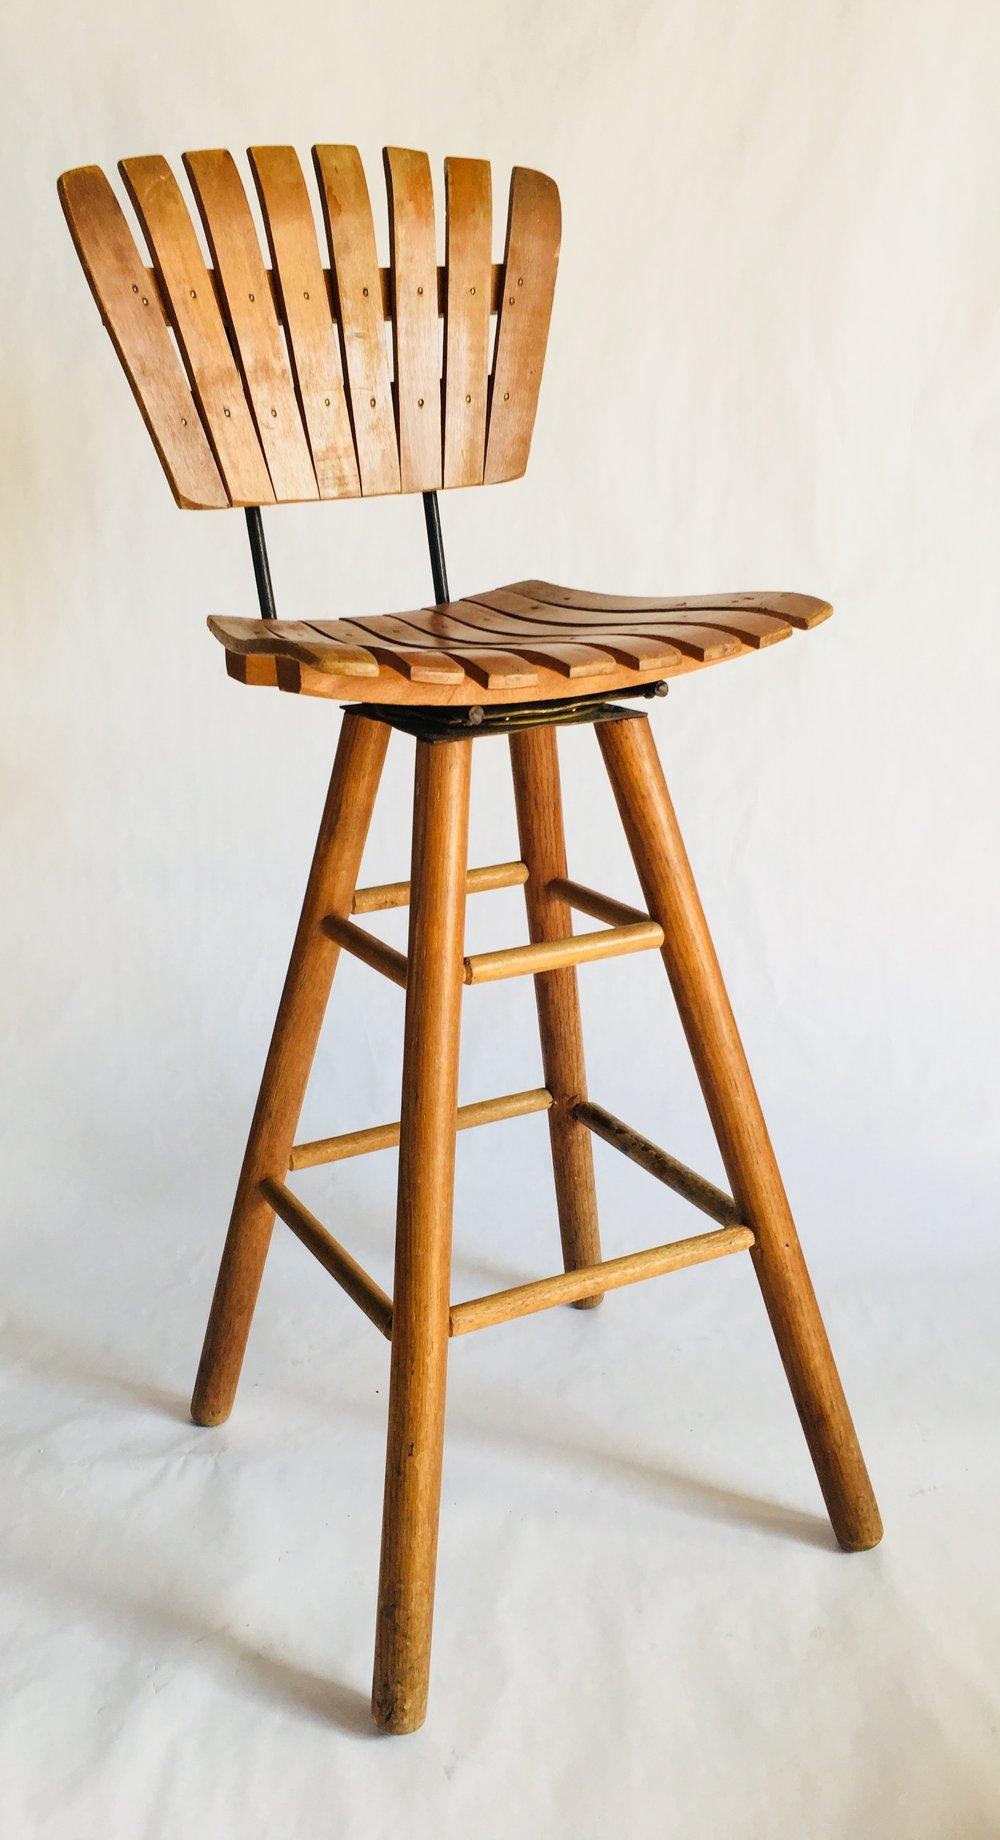 Mid century slat wooden bar stool with wood swivel base